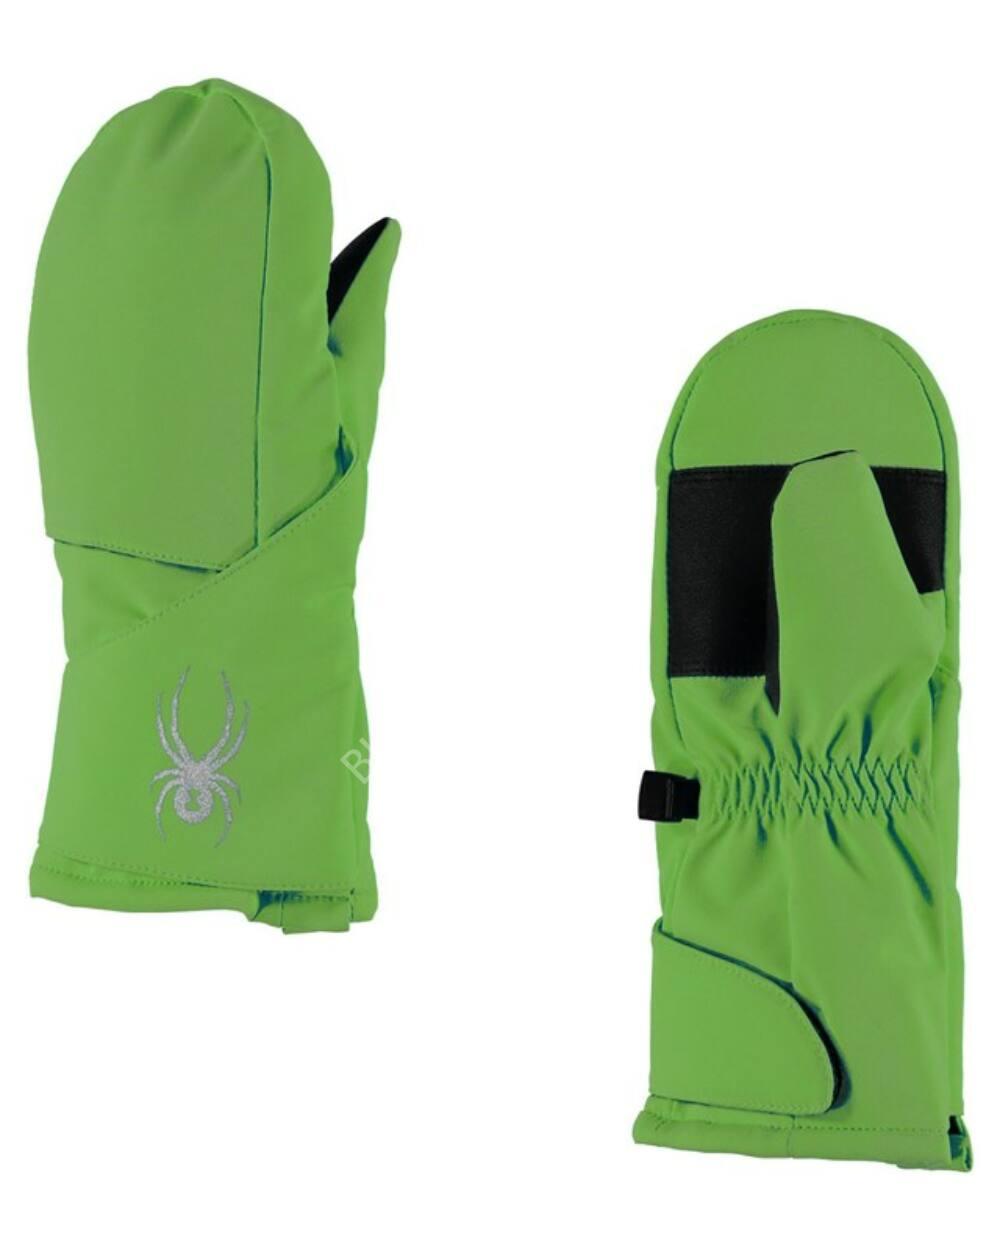 Spyder Cubby egyujjas gyerek síkesztyű, zöld